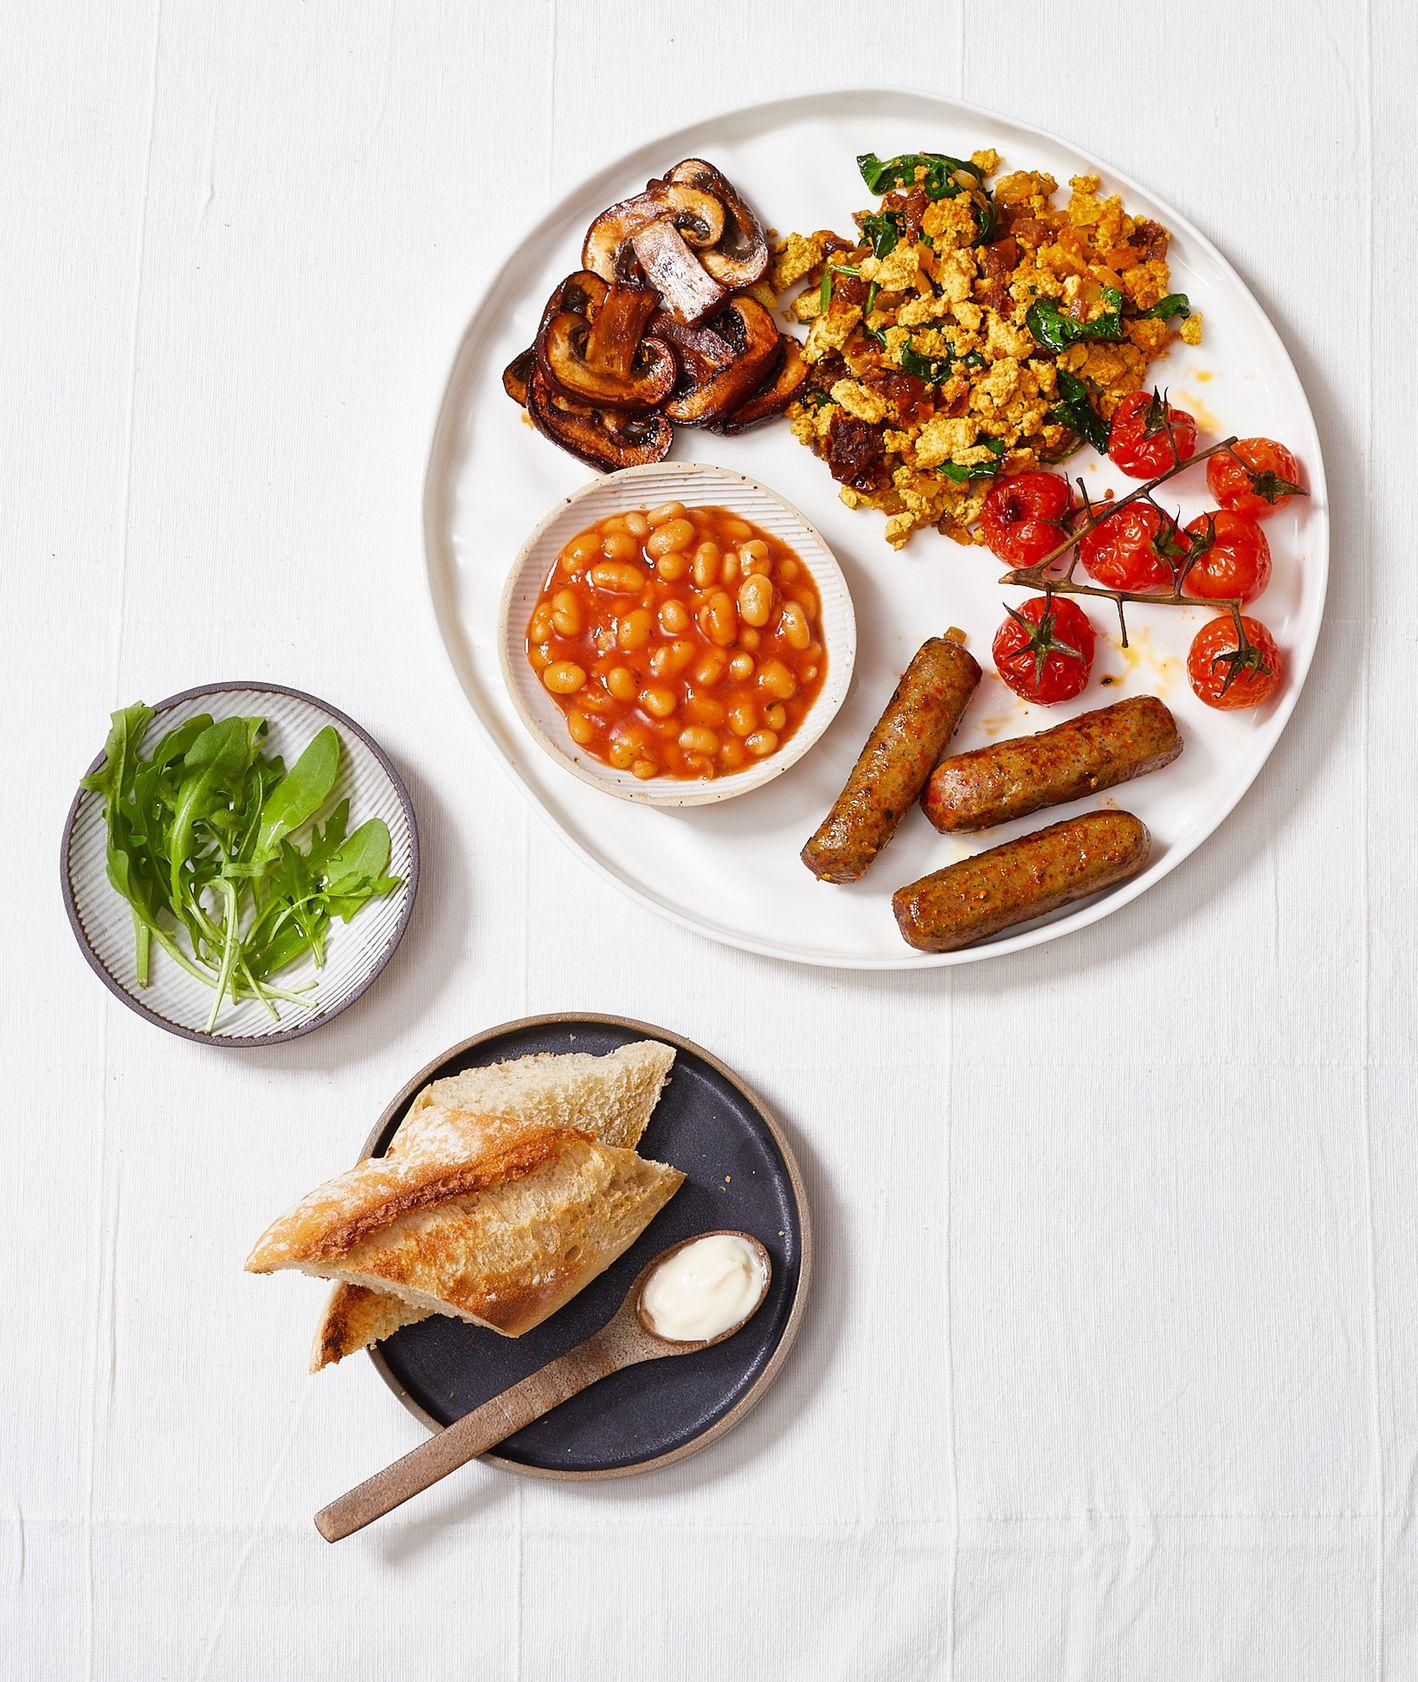 Jak zrobić wegańskie English Breakfast. Przepis (fot. Maciek Niemojewski)